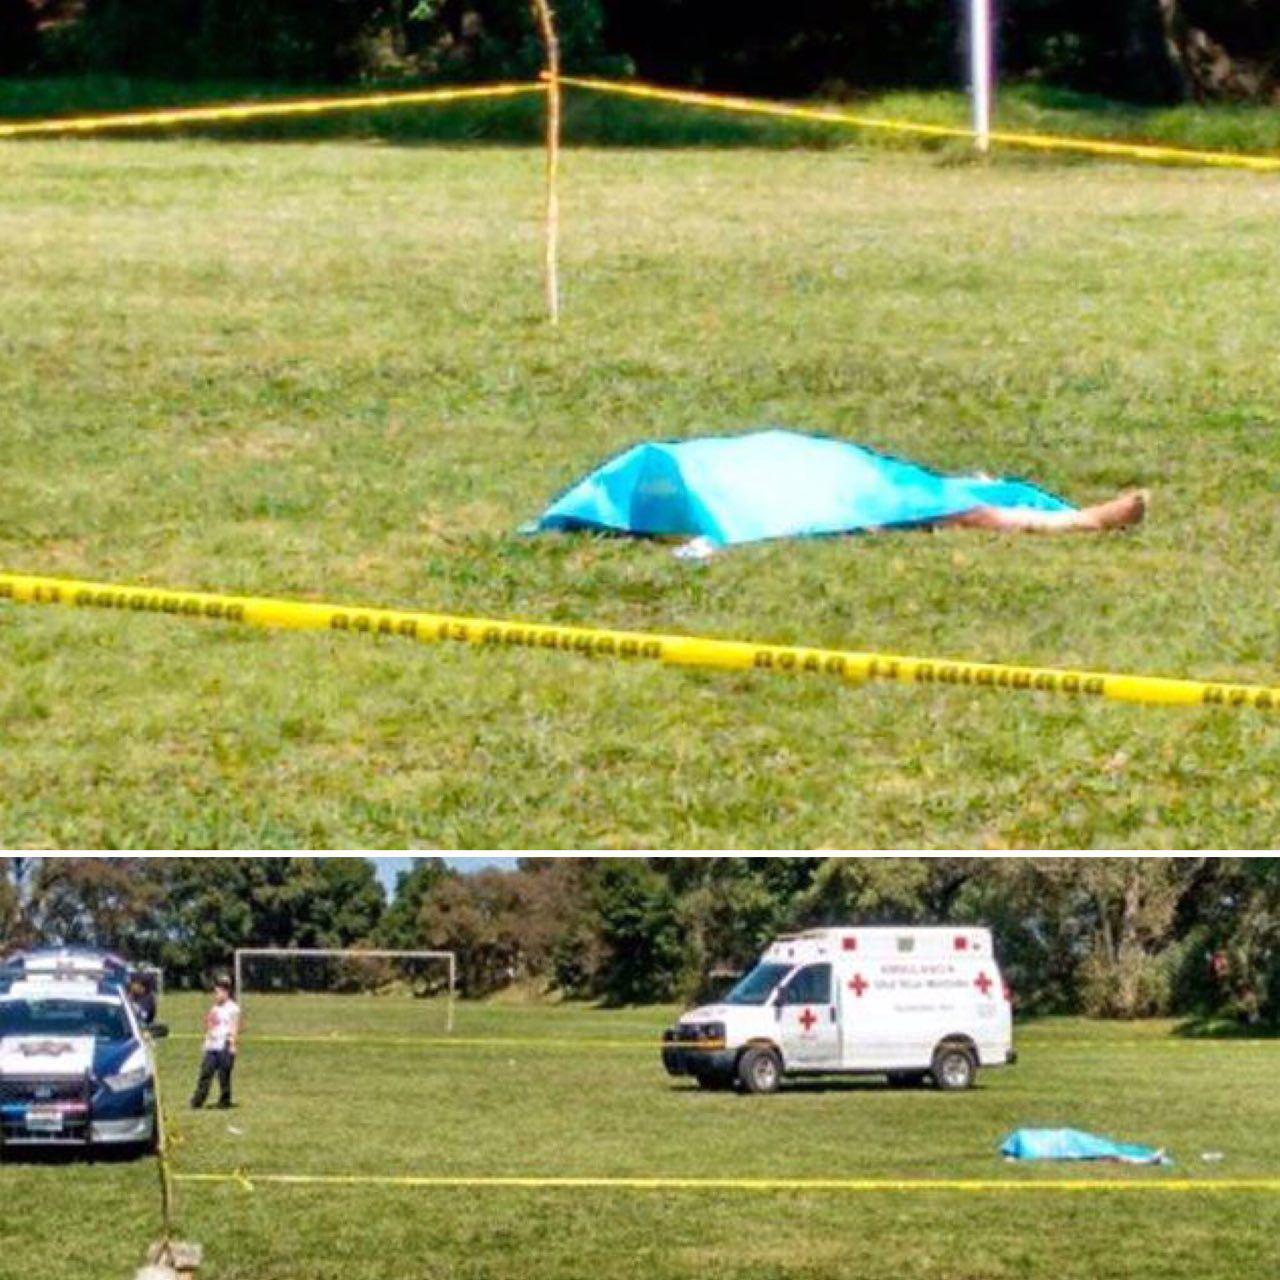 فوتبالیستی در لیگ مکزیک داور را کُشت و فرار کرد (+عکس)